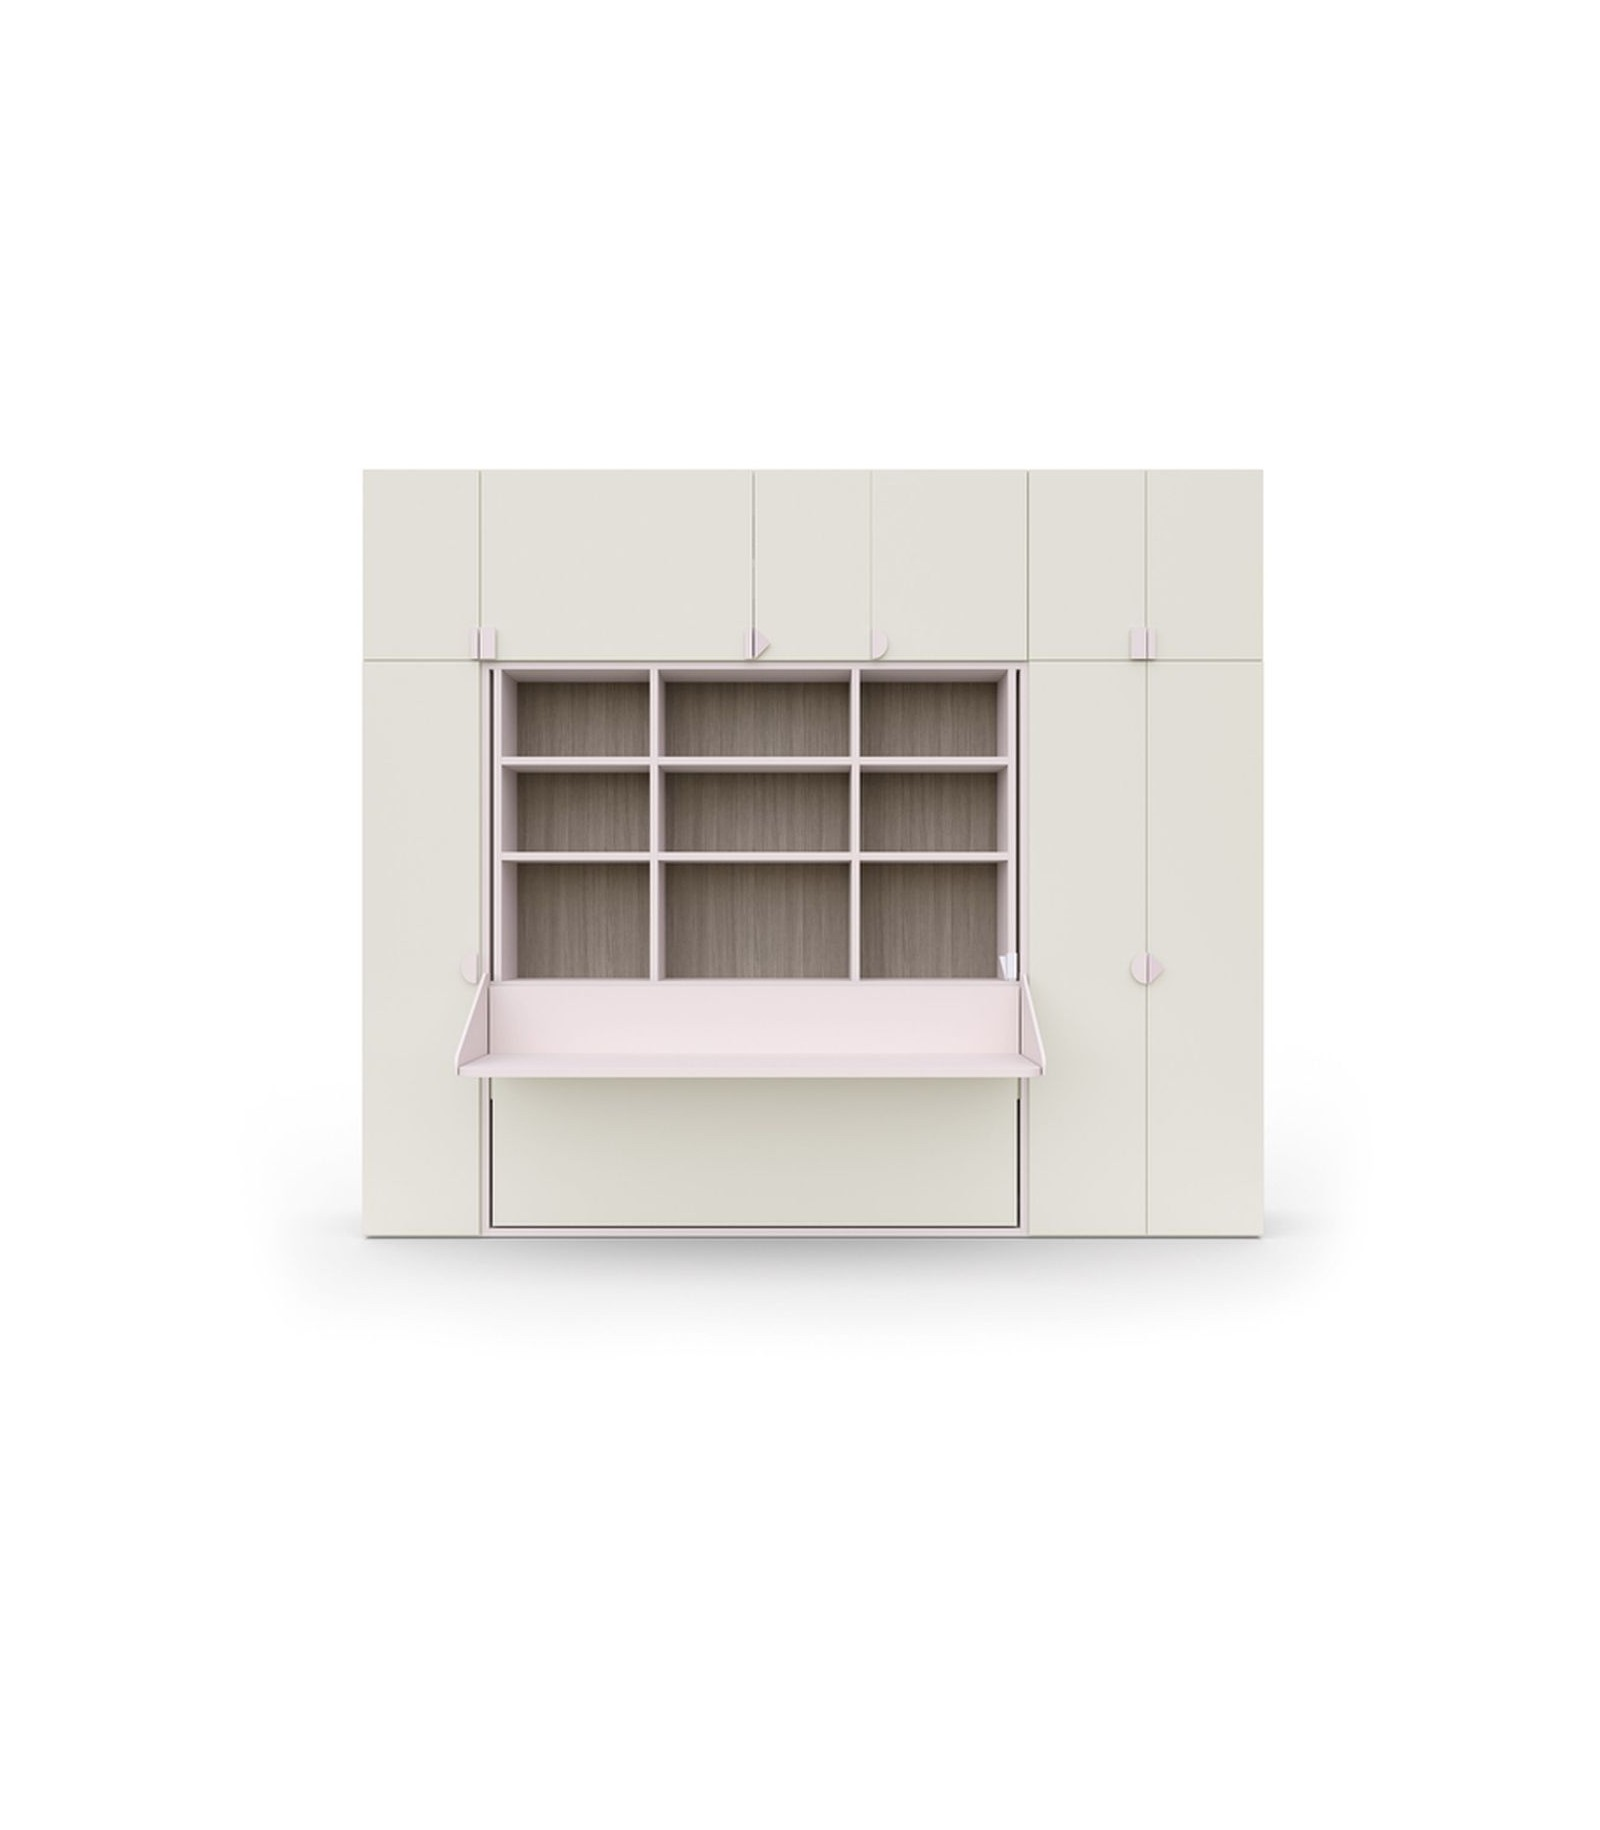 Progetti camerette beautiful open zoom cameretta shabby for Progettare camera da letto online